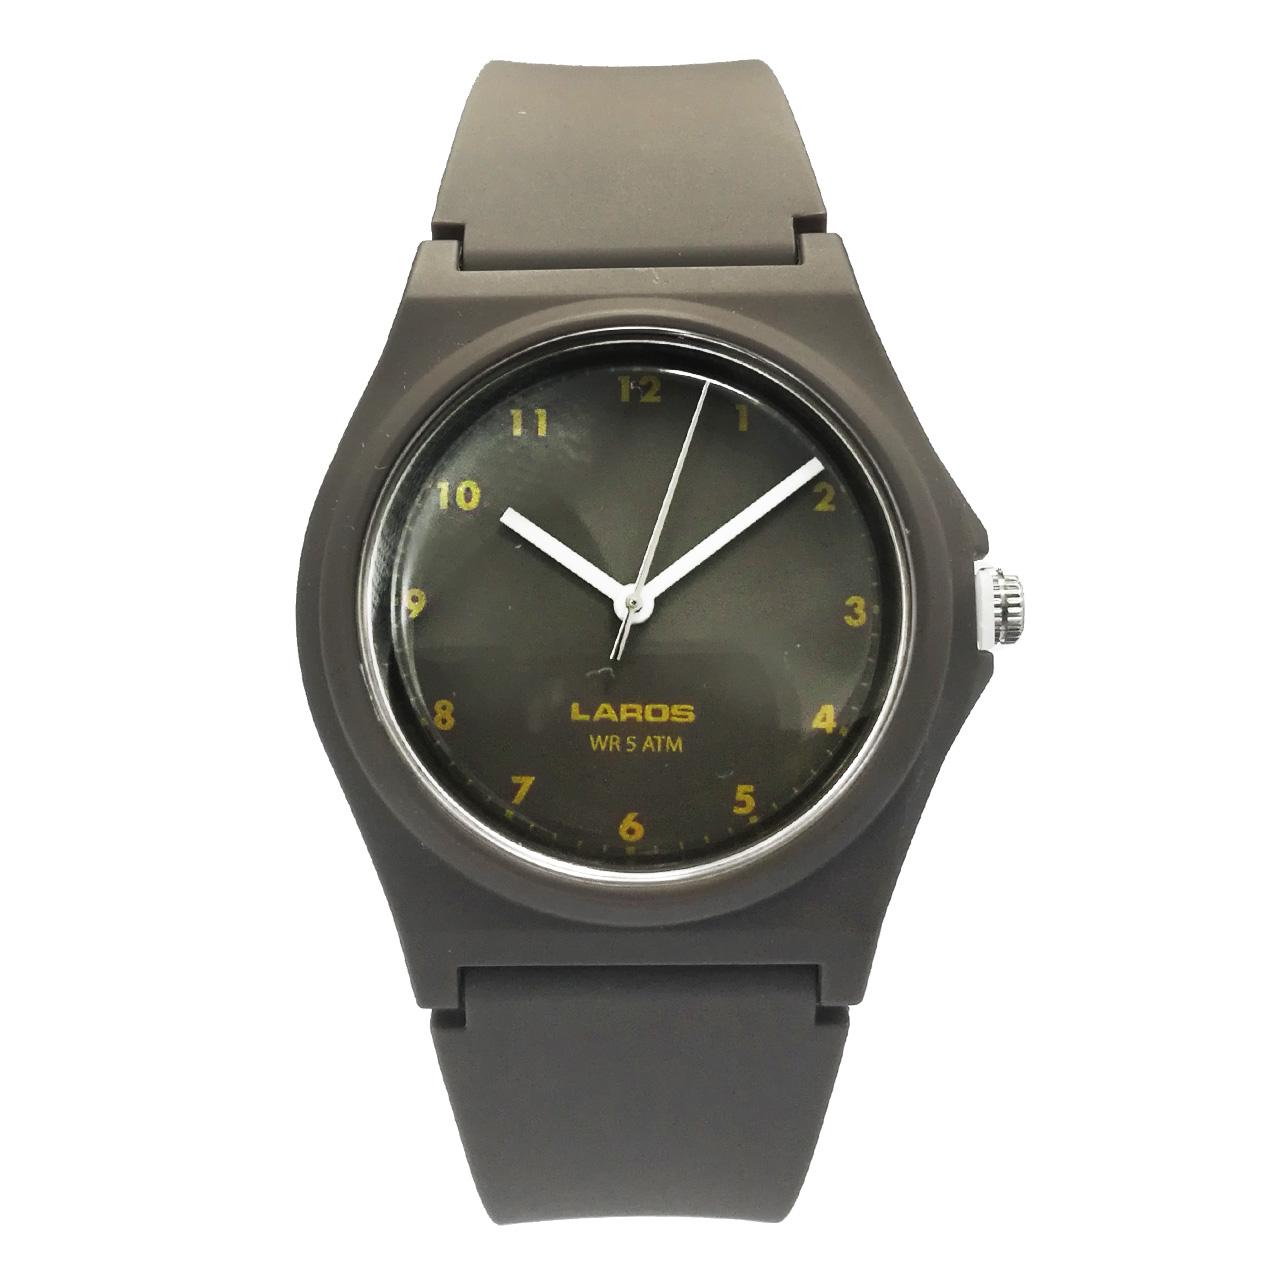 ساعت مچی عقربه ای لاروس مدل 1117-aq103 32